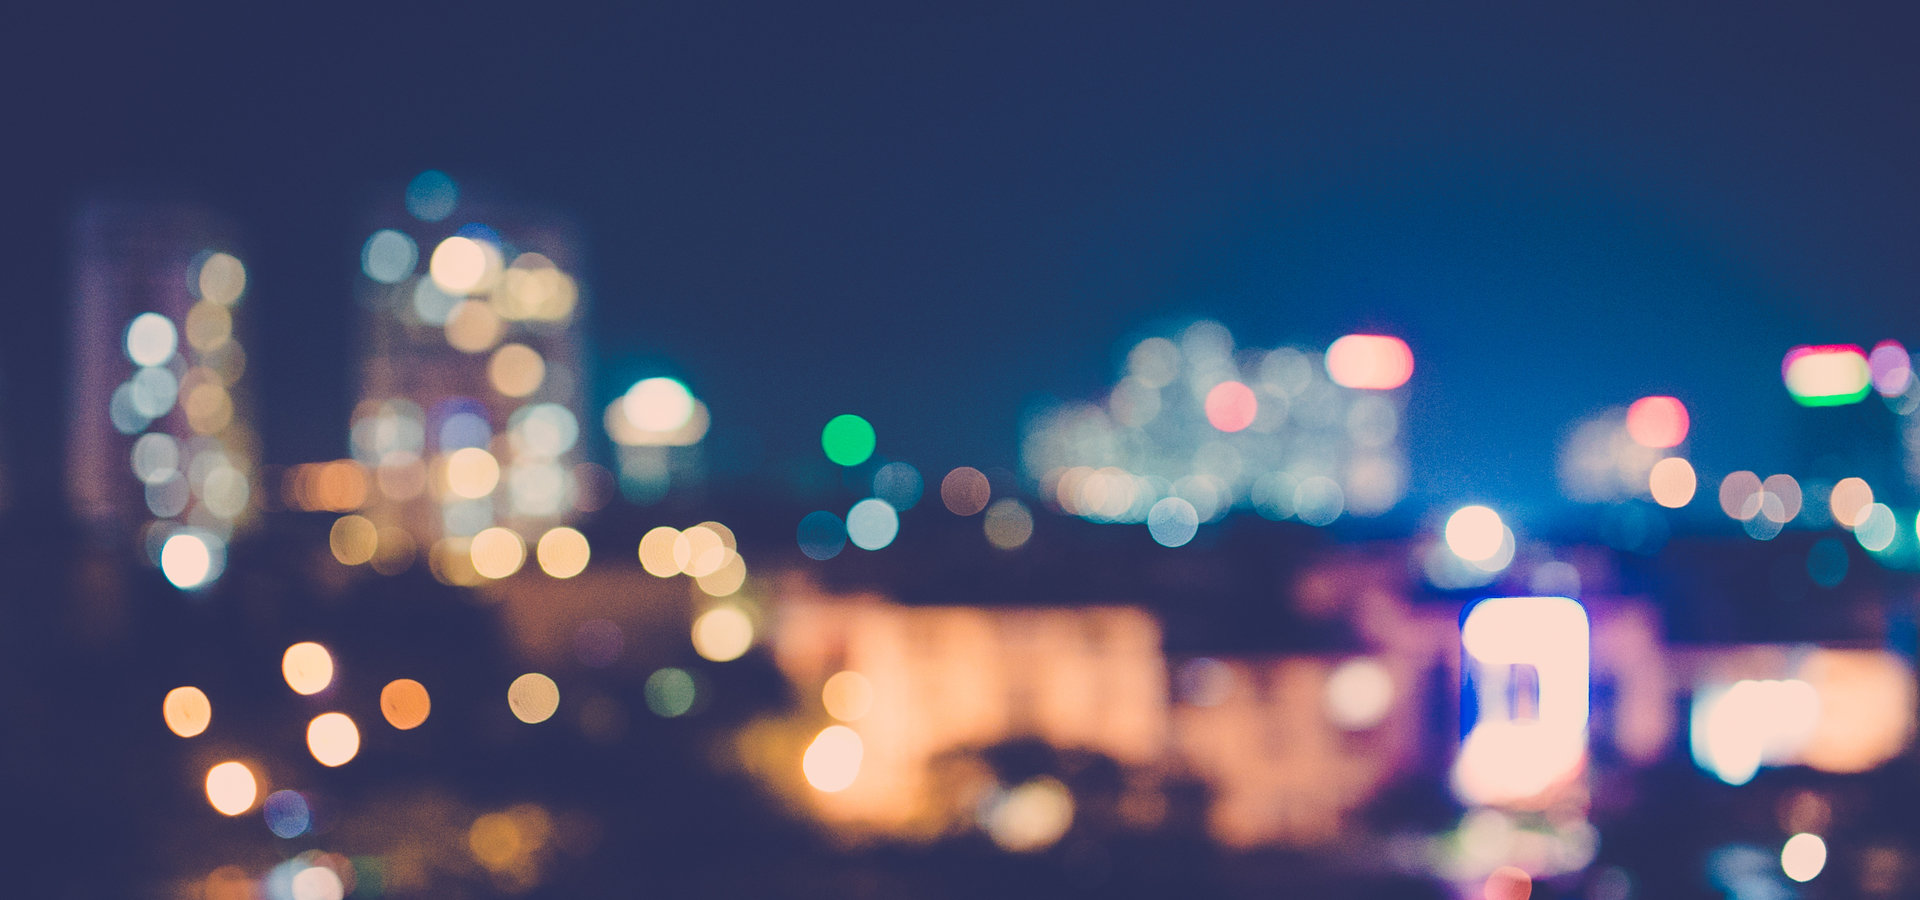 Nocne dyżury - bez regulacji to patowa sytuacja